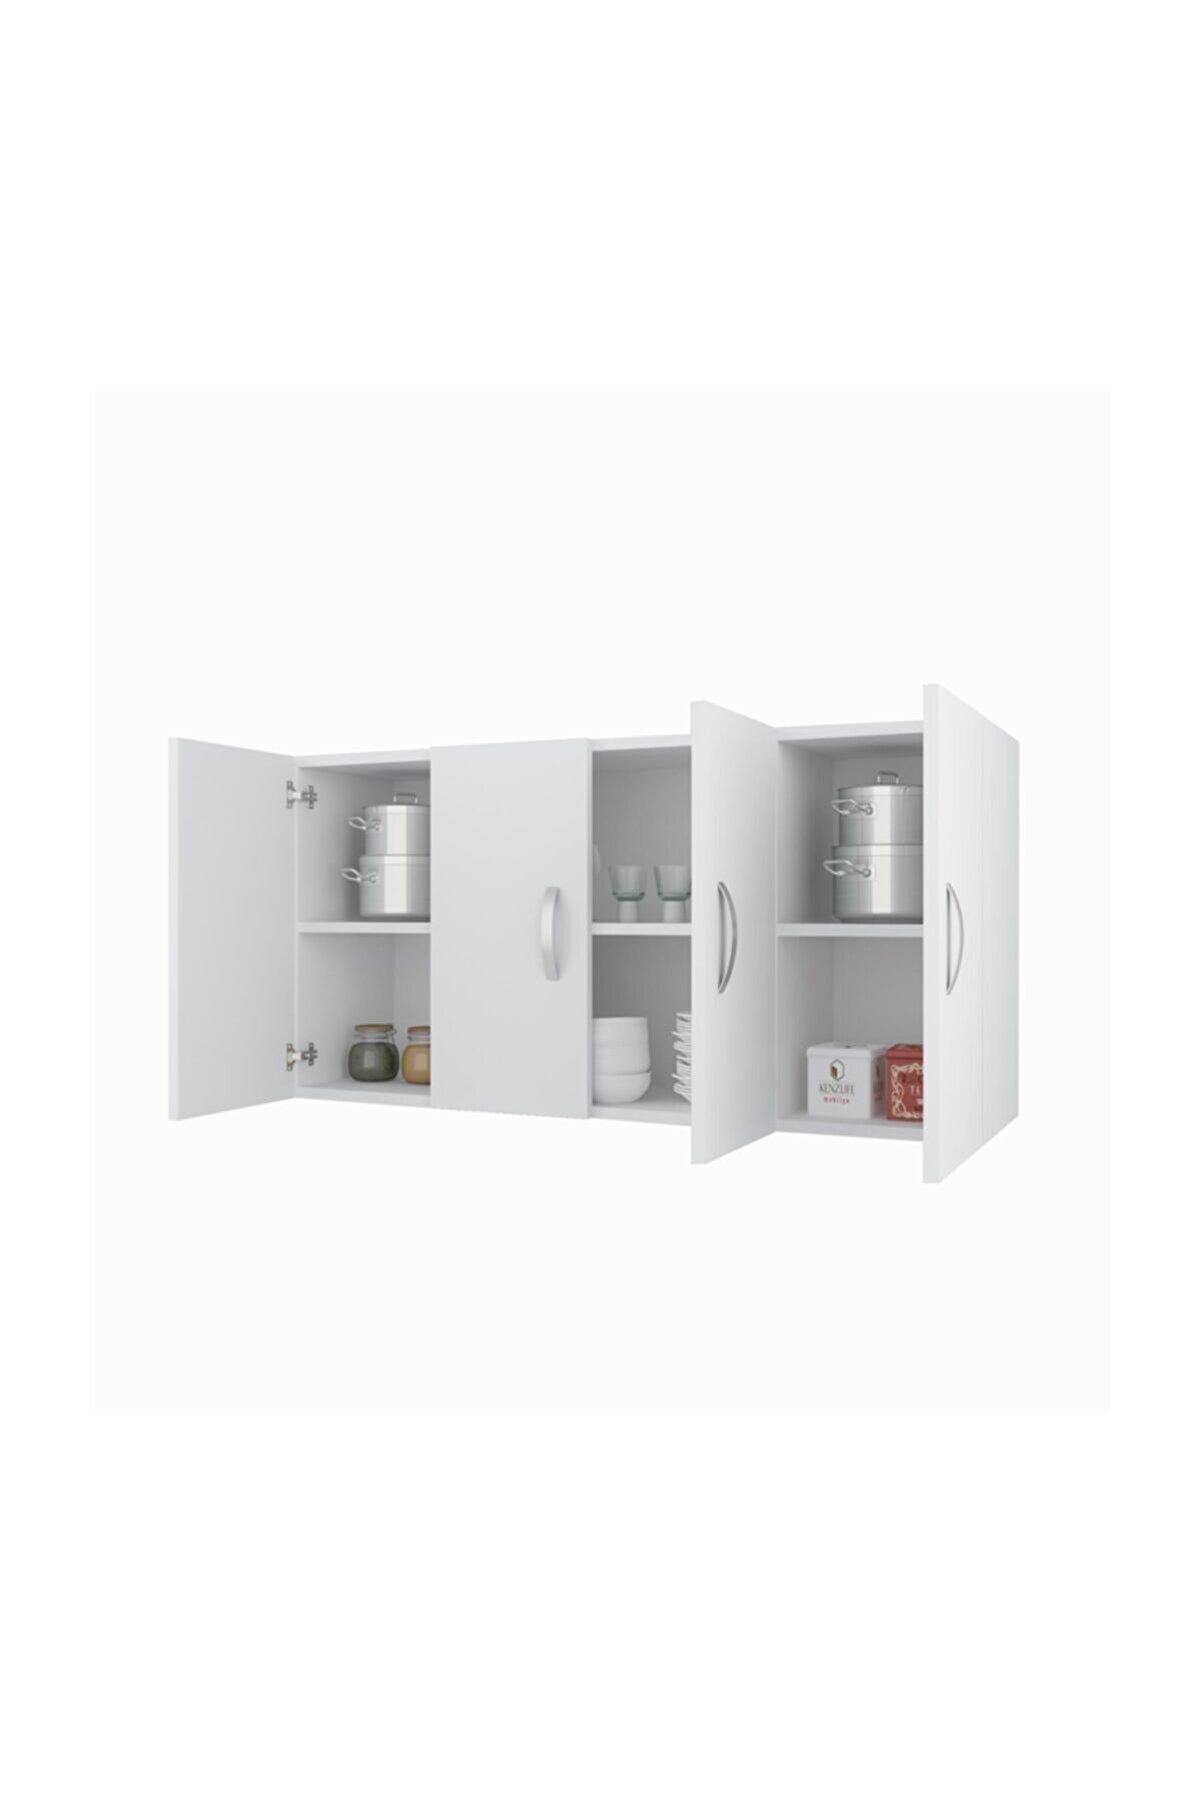 Kenzlife Banyo Dolabı Ruslana Byz 060*120*22 Mutfak Ofis Dolabı Kitaplık Kapaklı Raflı